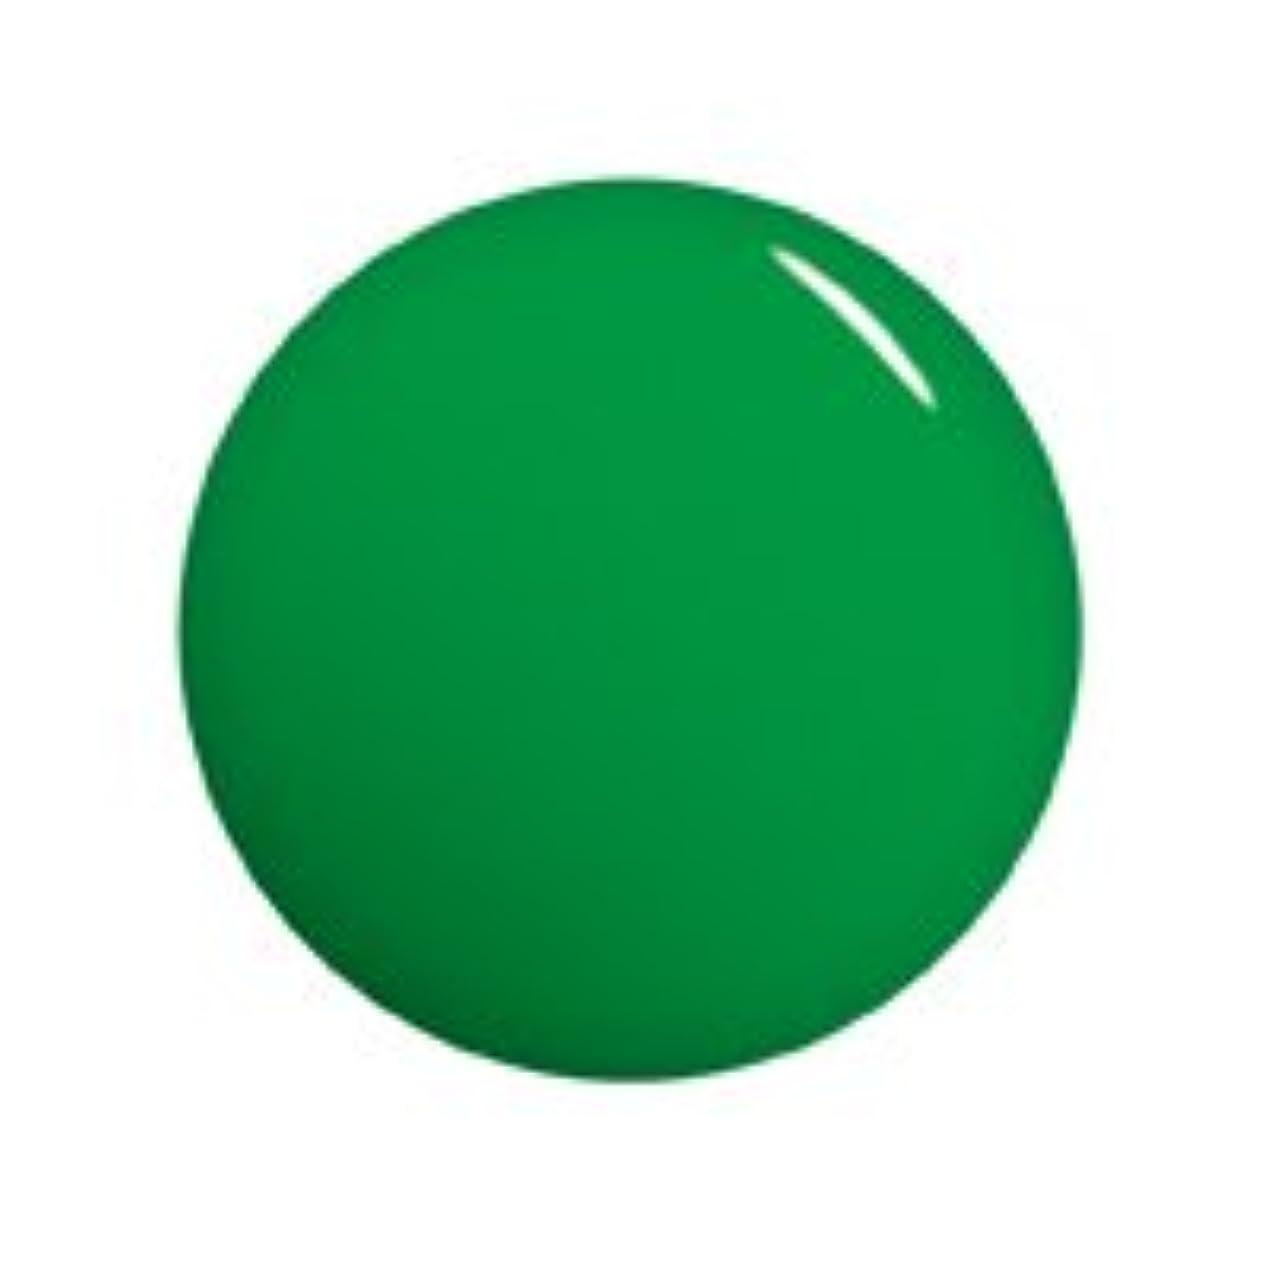 オリエンテーション干渉するメッセージGelgraph(ジェルグラフ) カラージェル 5g グラスホッパー 028M